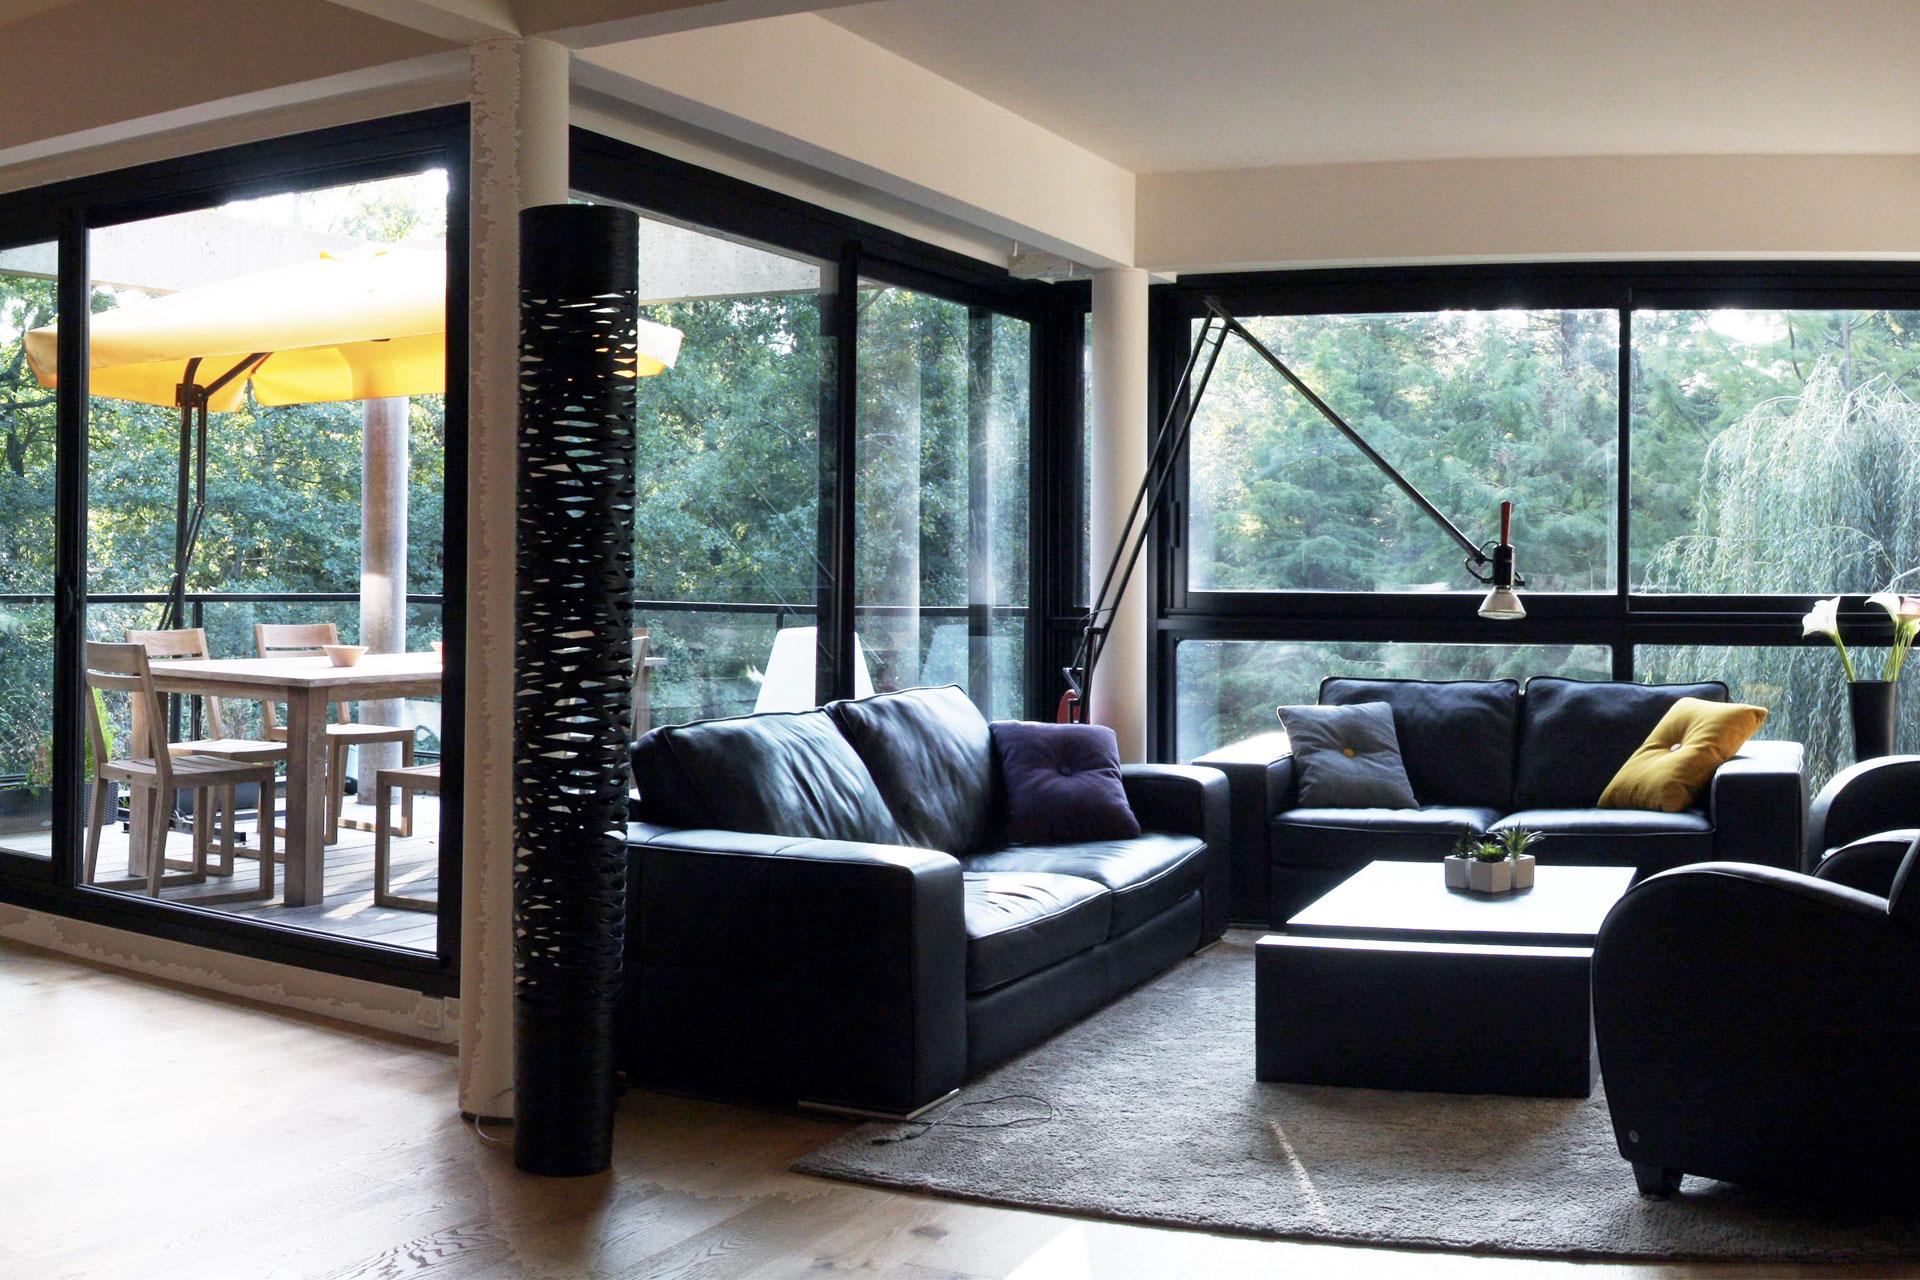 Décoration Intérieur Moderne | Idee Deco Sejour Salon Decoration ...